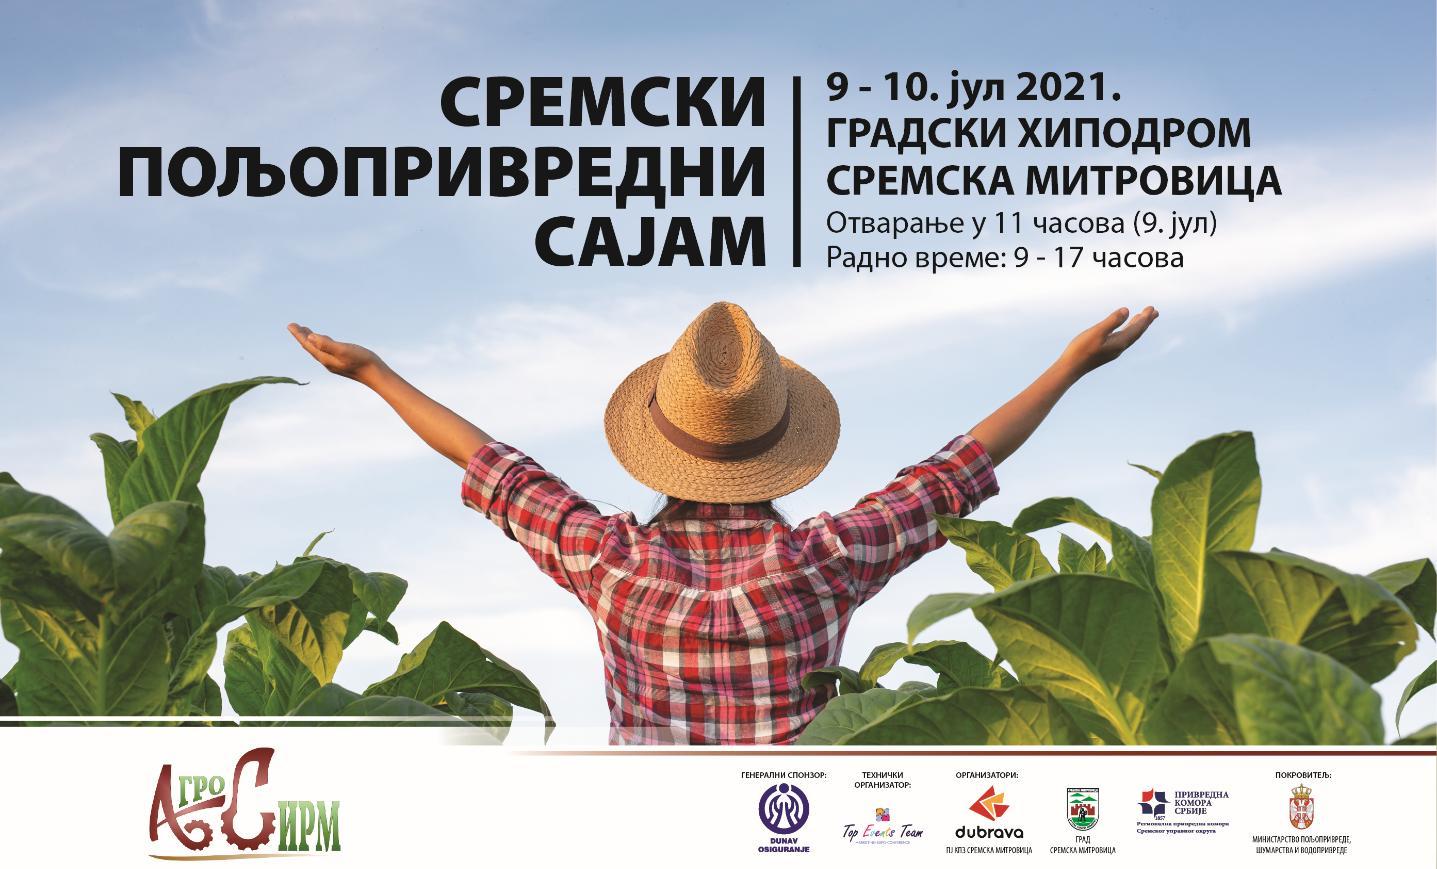 Одсек за пољопривреду организују посету Сремском сајму